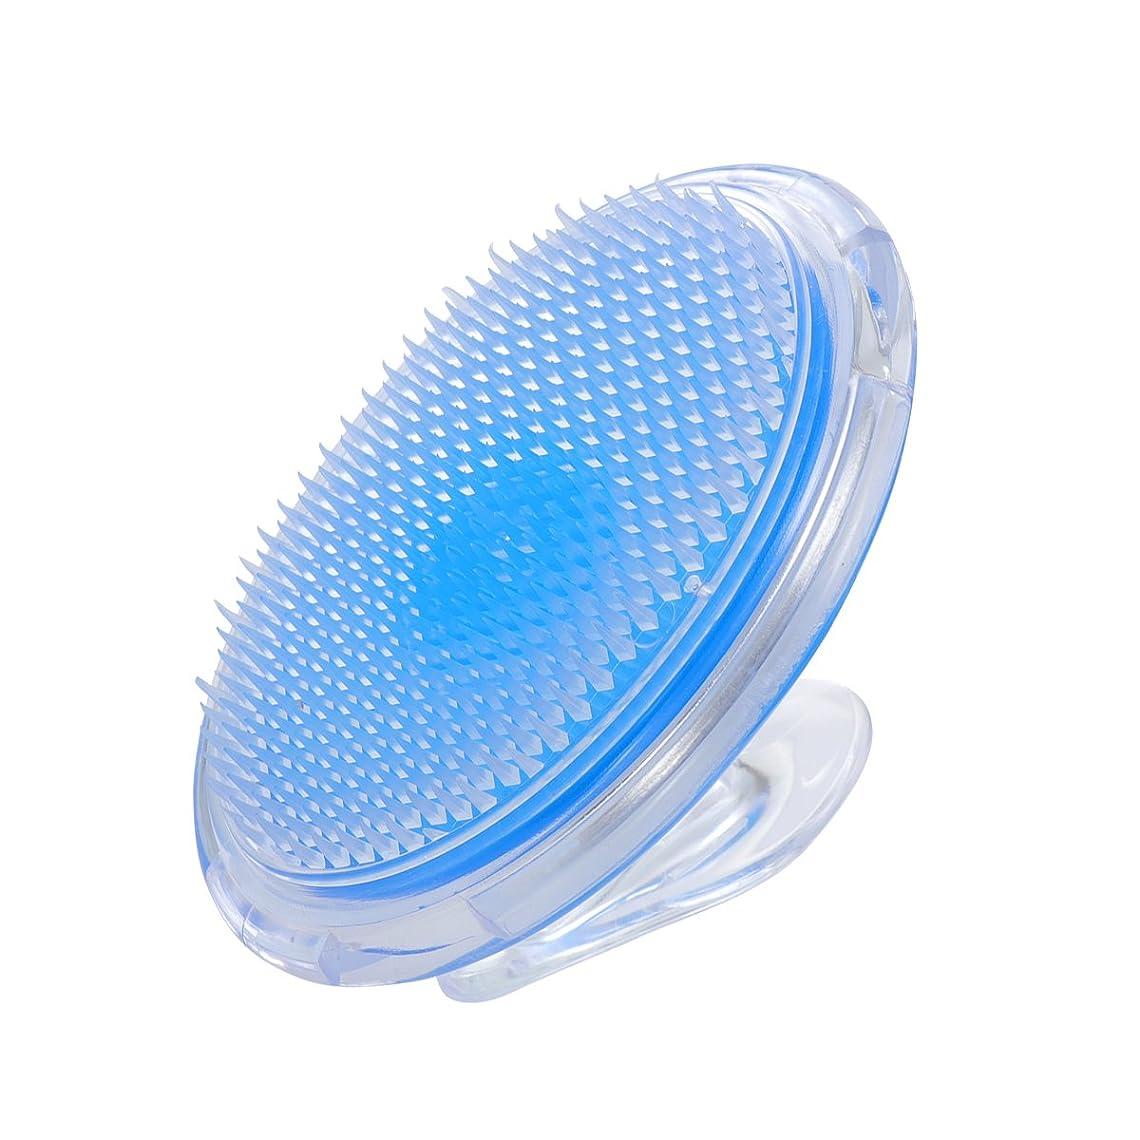 確立より反論者HEALIFTY シャンプーブラシ 洗髪櫛 頭皮マッサージ器 携帯用 男女兼用